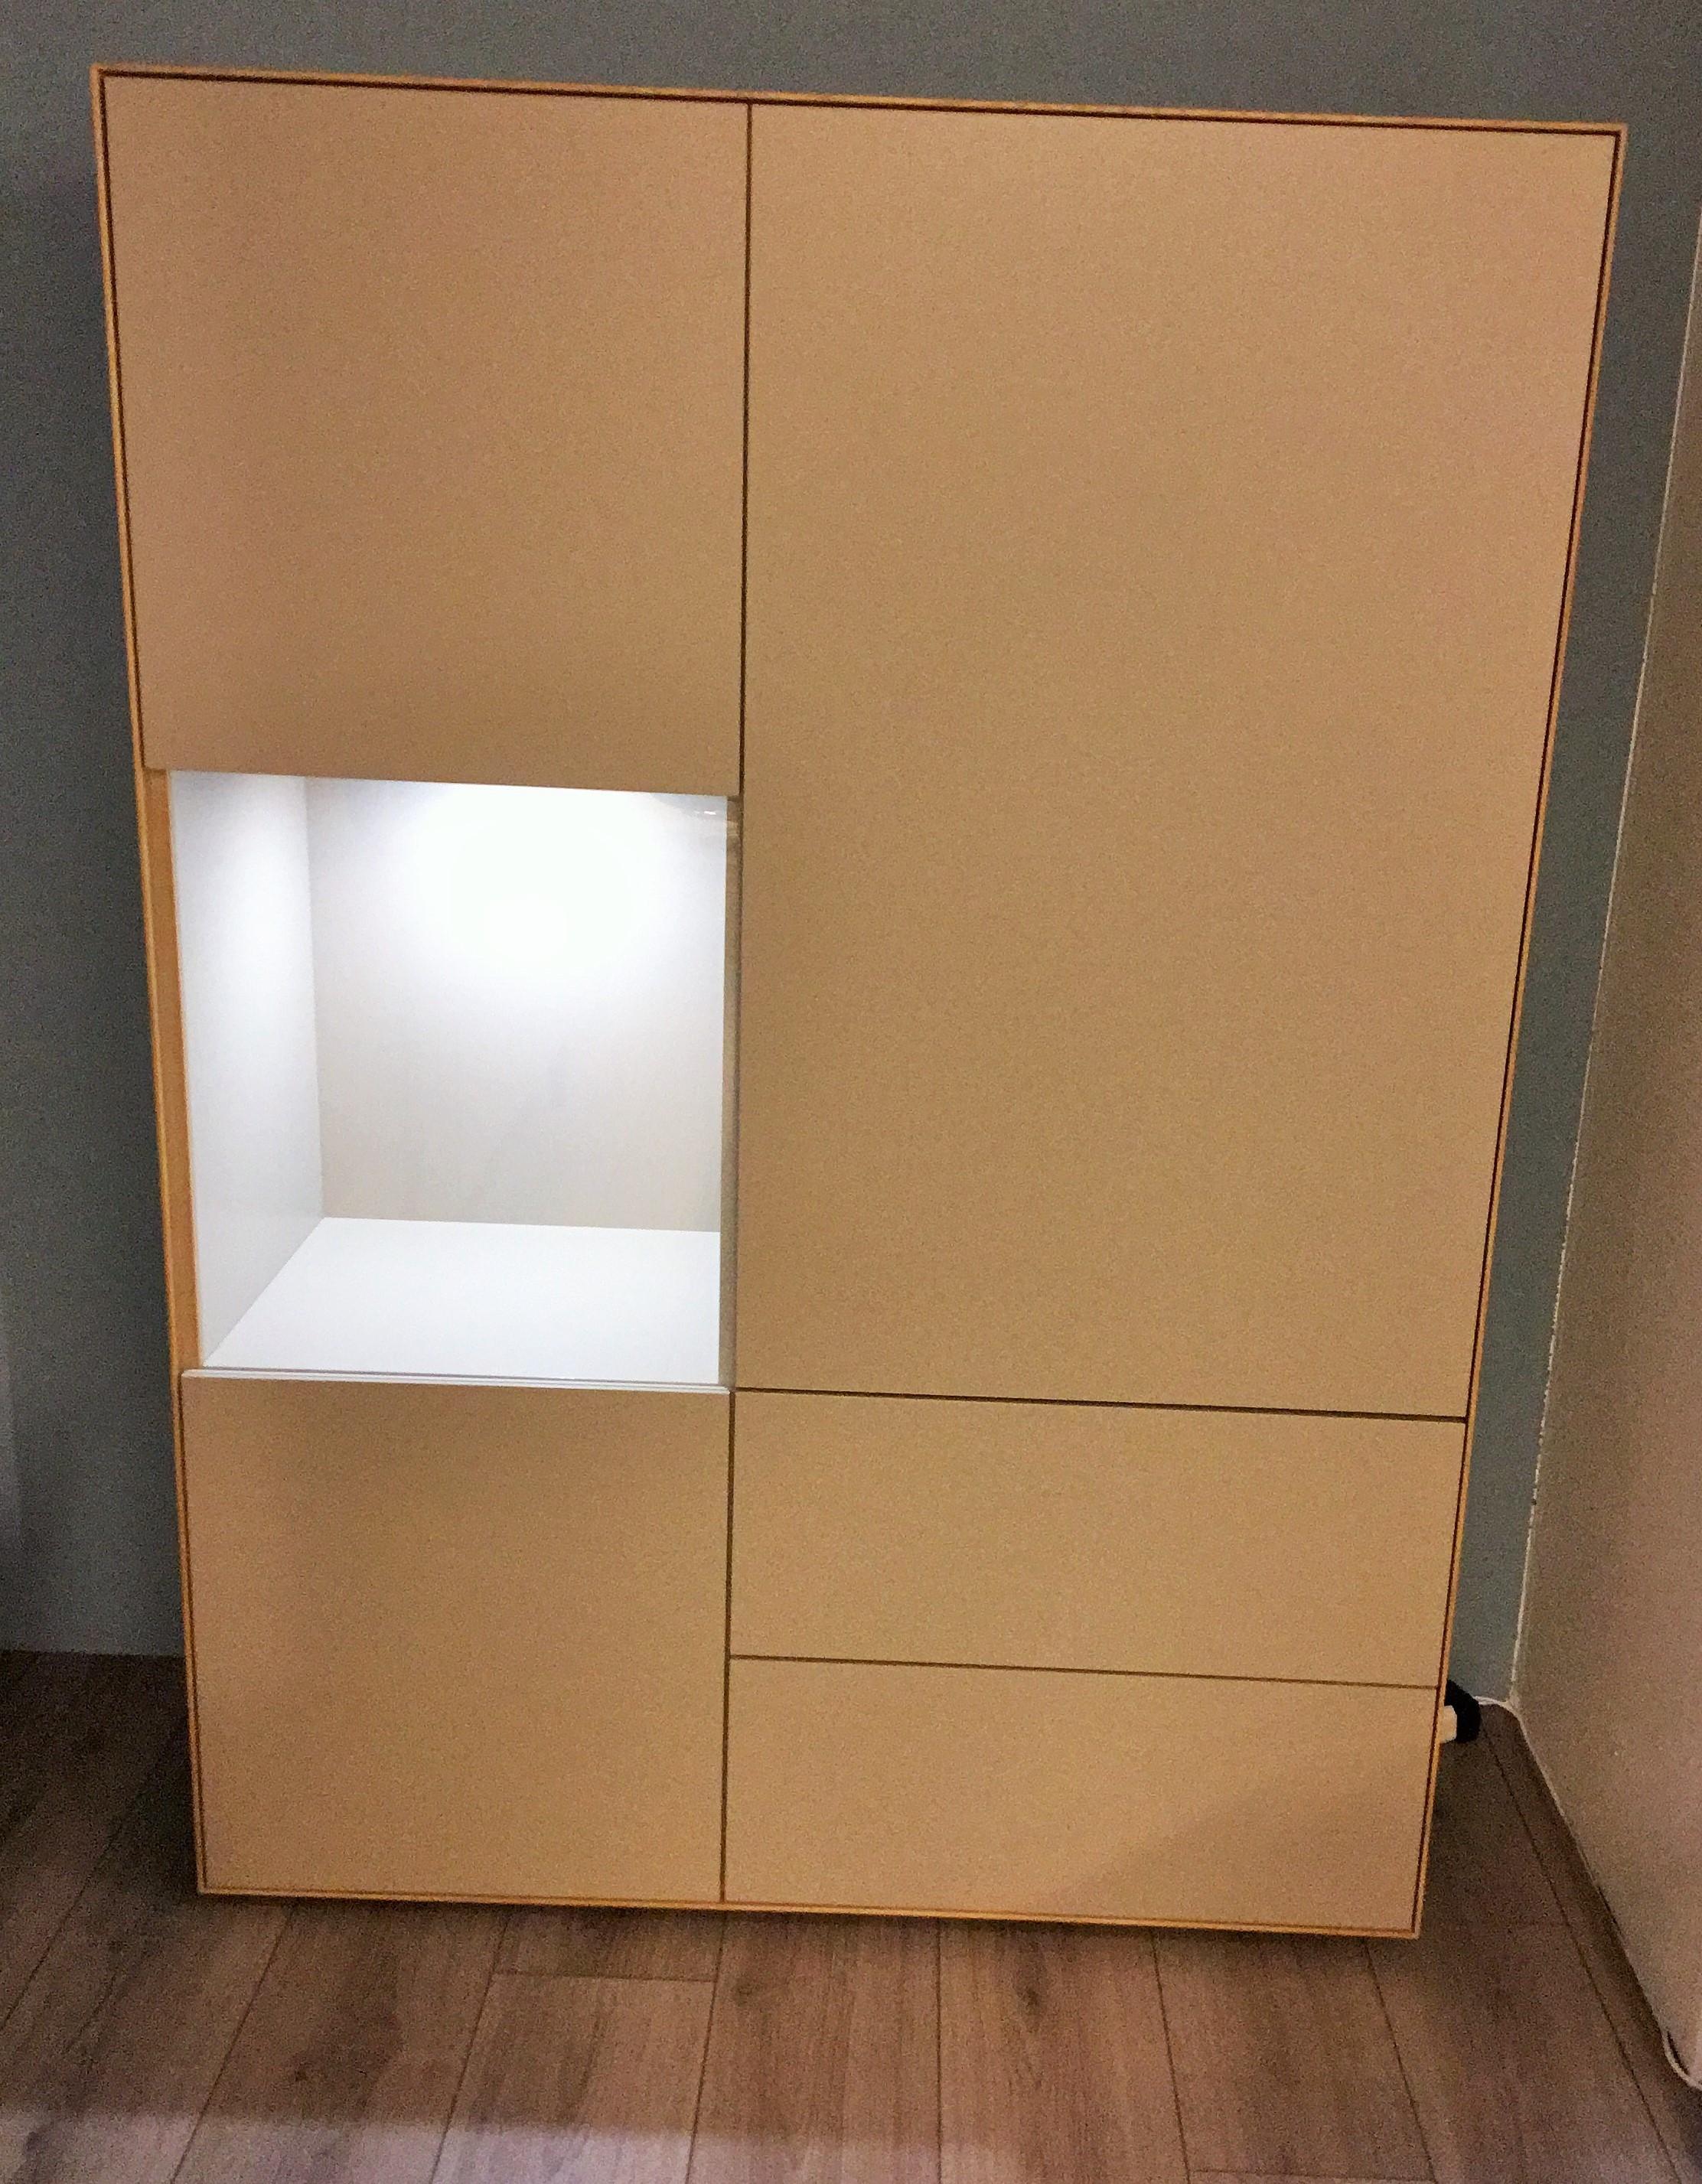 Schöner Wohnen Patchwork Sideboard grau/Palazzo 01